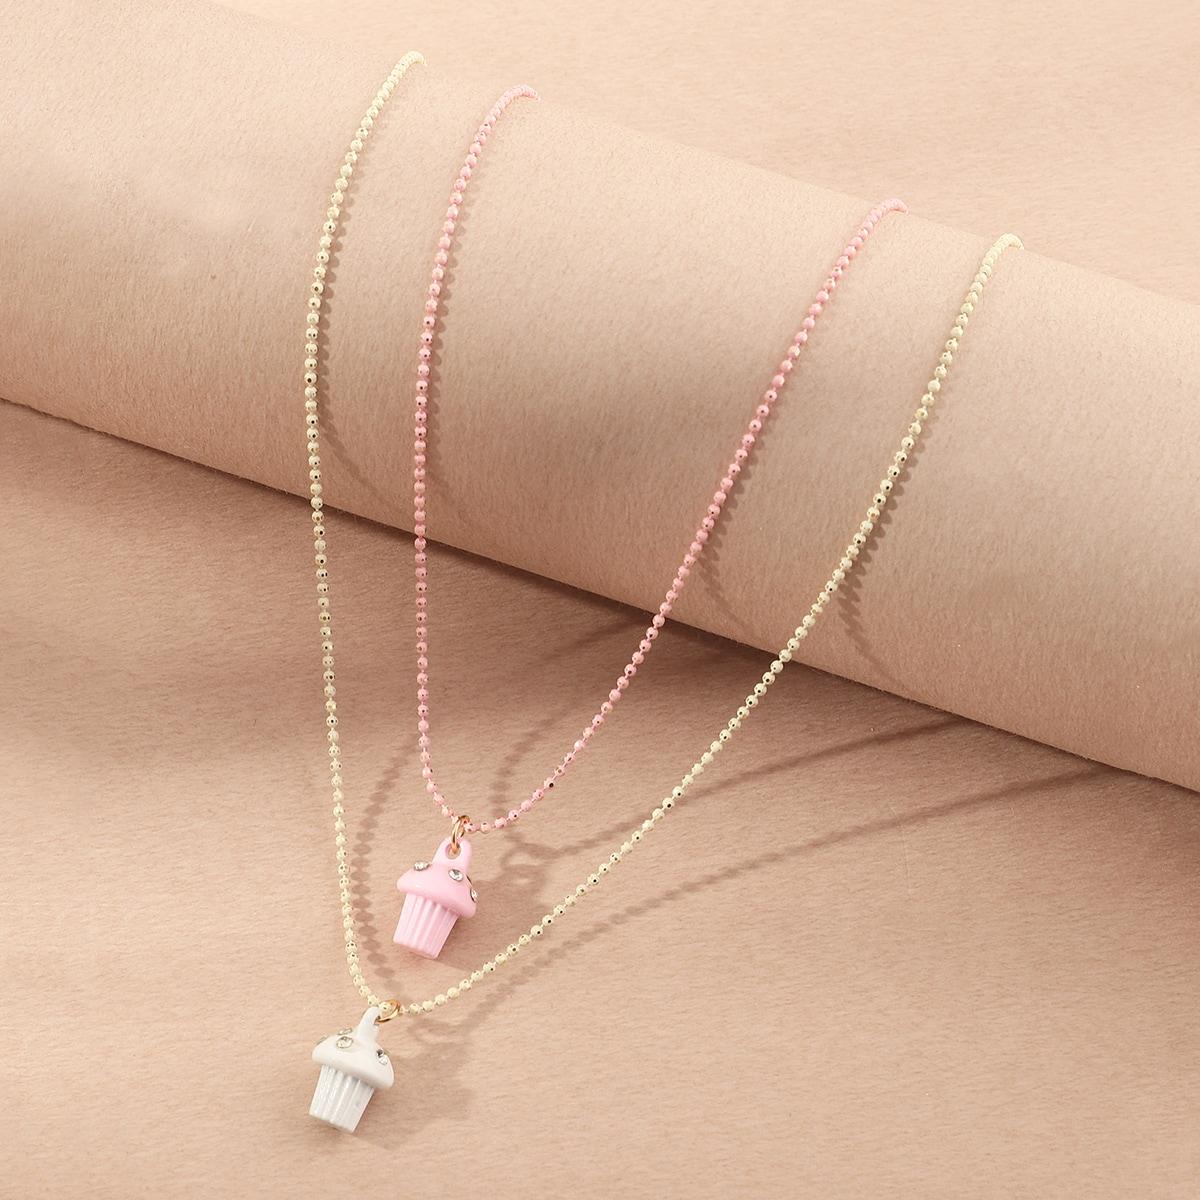 2шт ожерелье с грибом и стразами для девочек